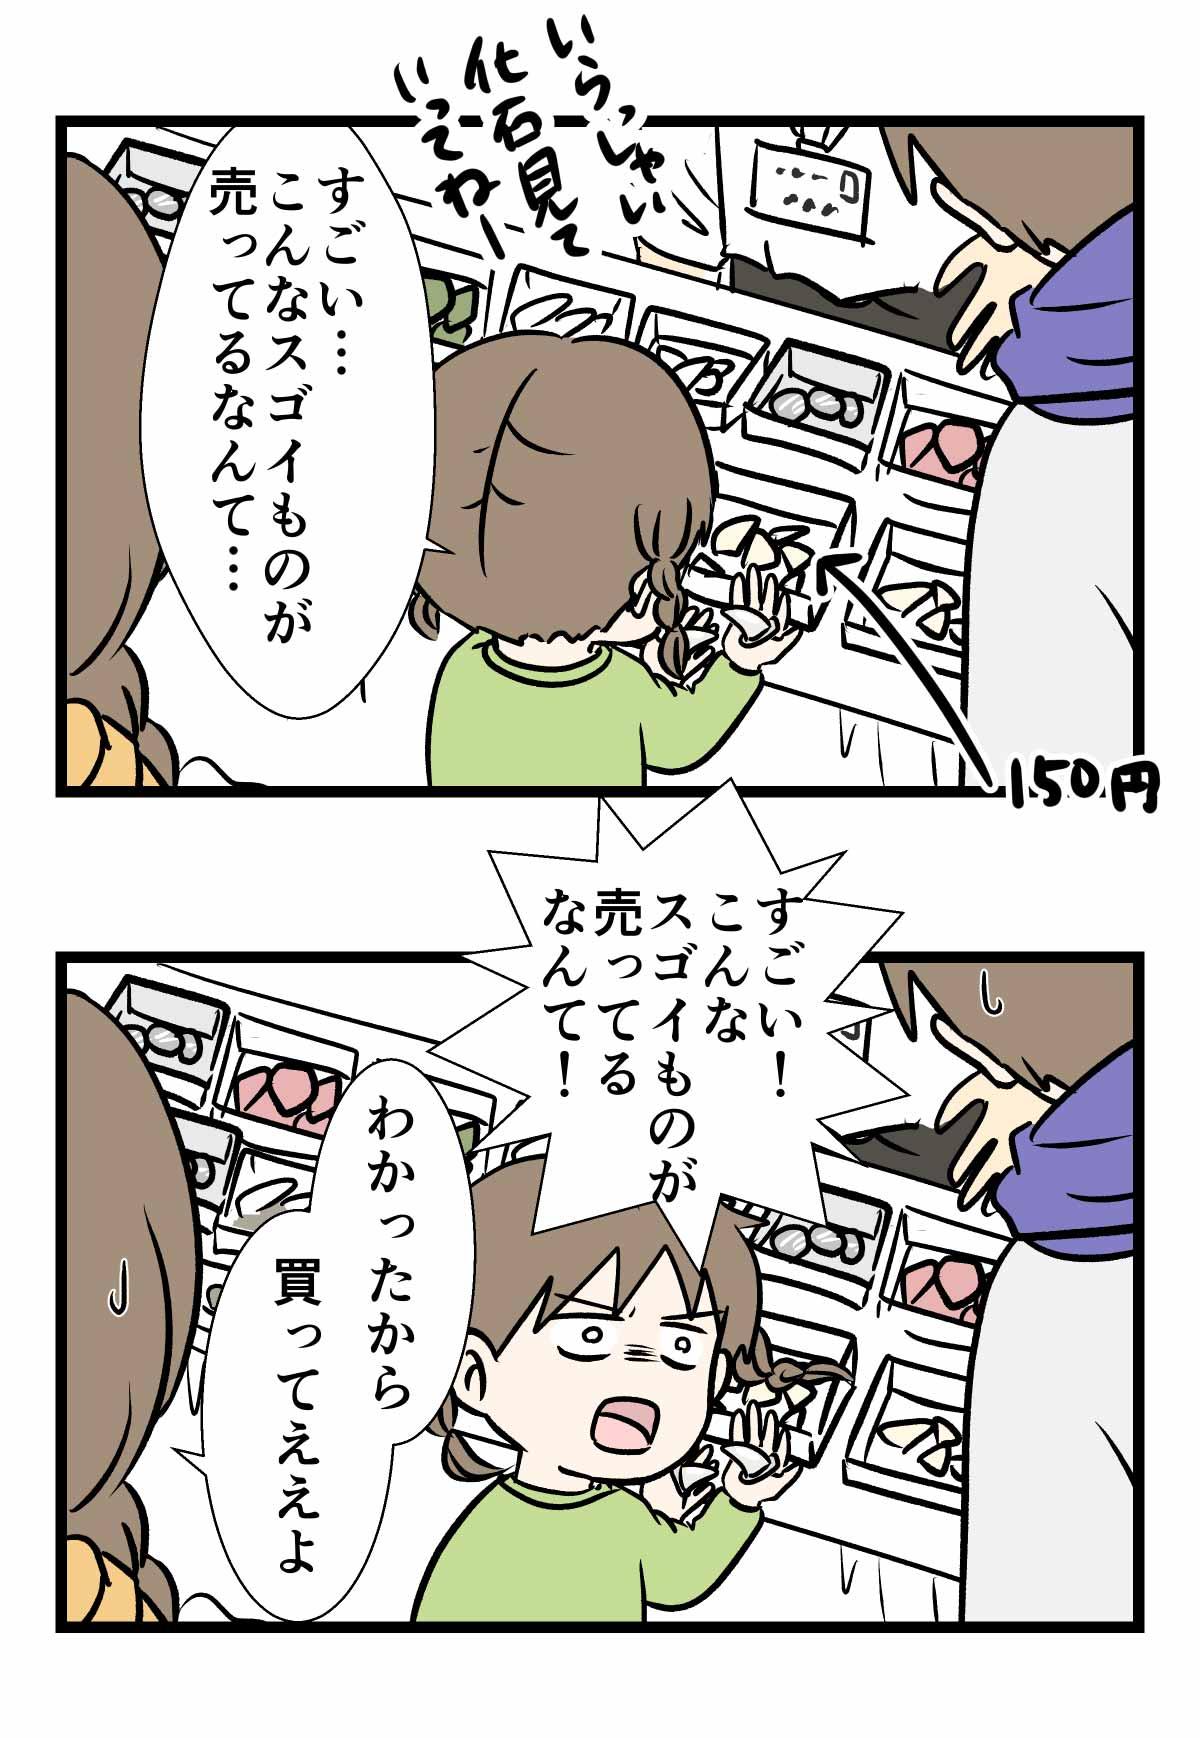 大阪のミネラルショーでセンスを求められた話